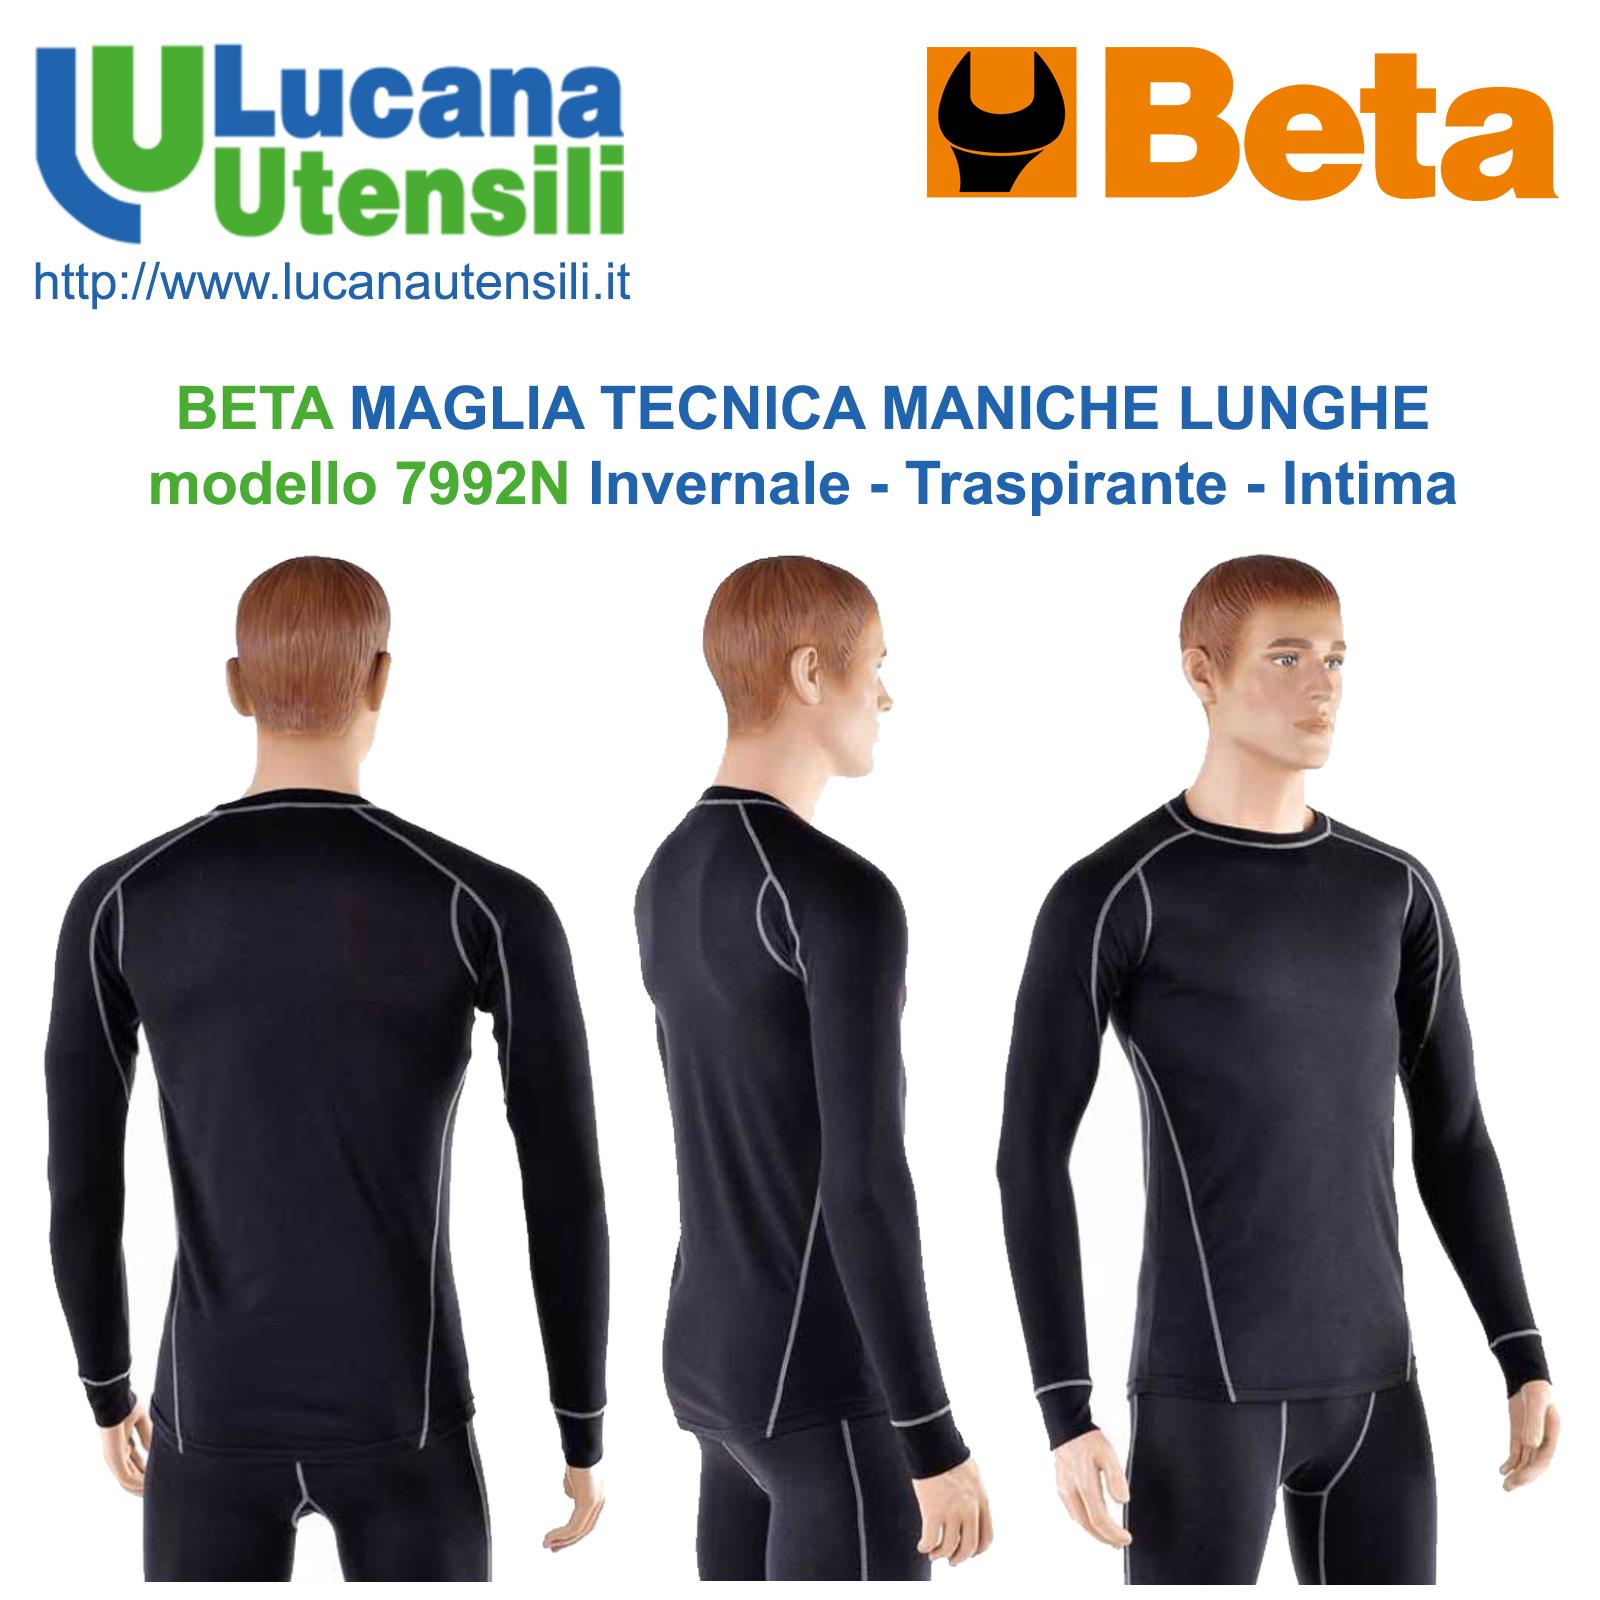 Lunghe Modello Invernale Beta Maniche Tecnica Maglia 7992n wqq4SU